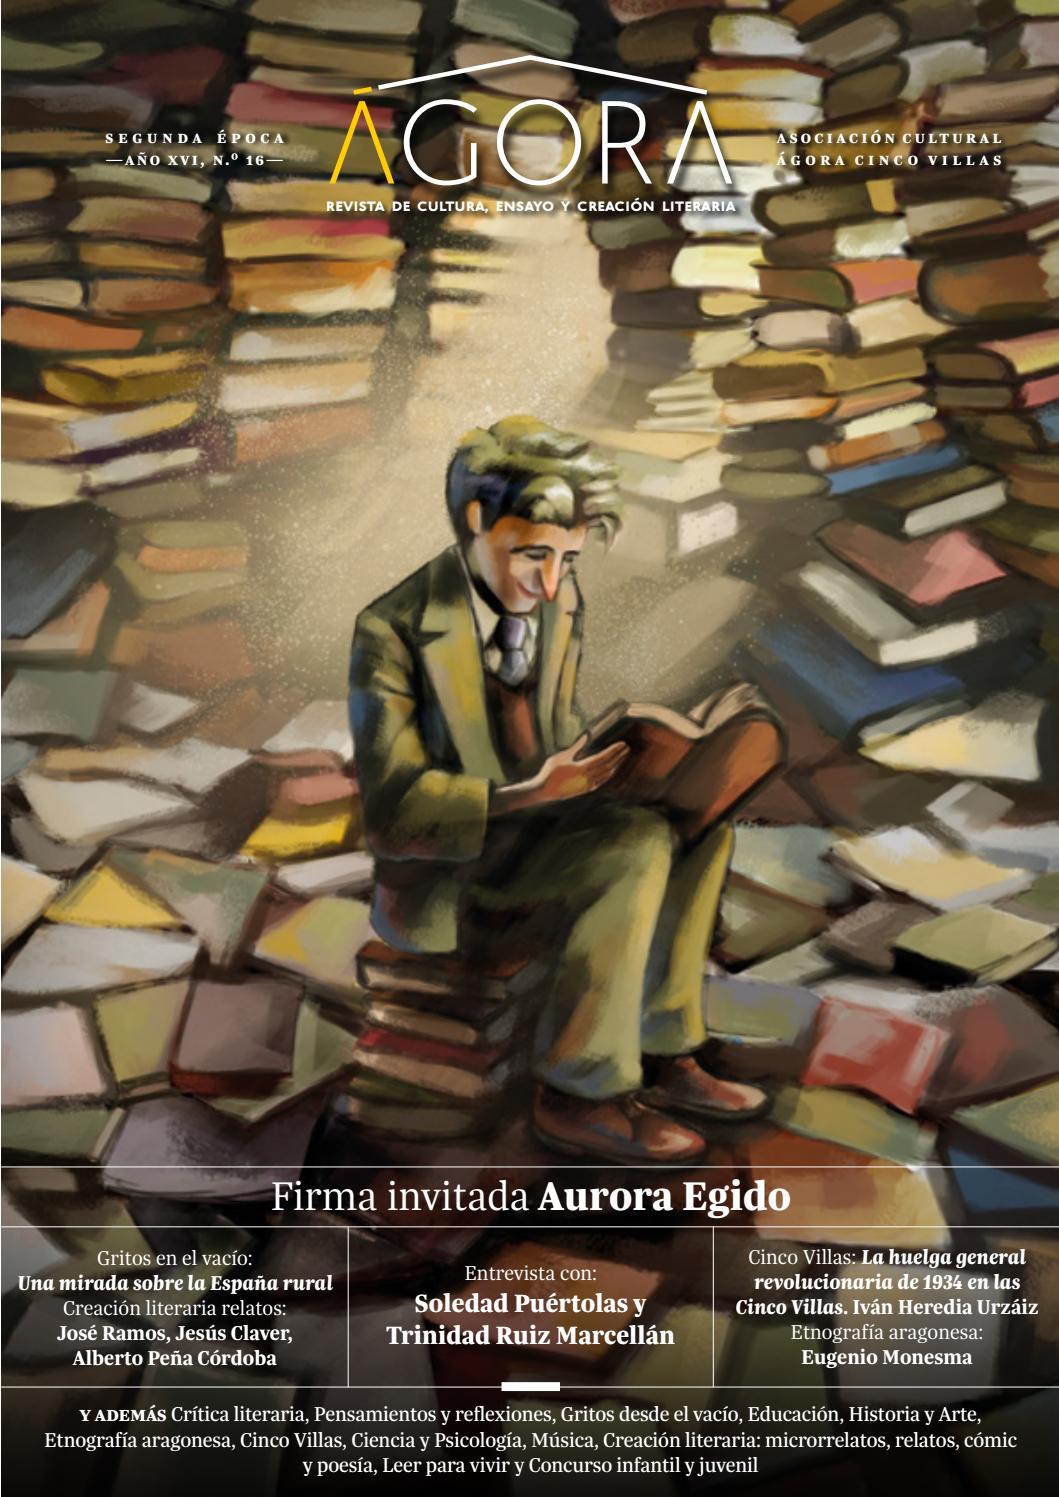 17c145d95c2 Ágora 16 2018 completa by Ágora Revista de cultura